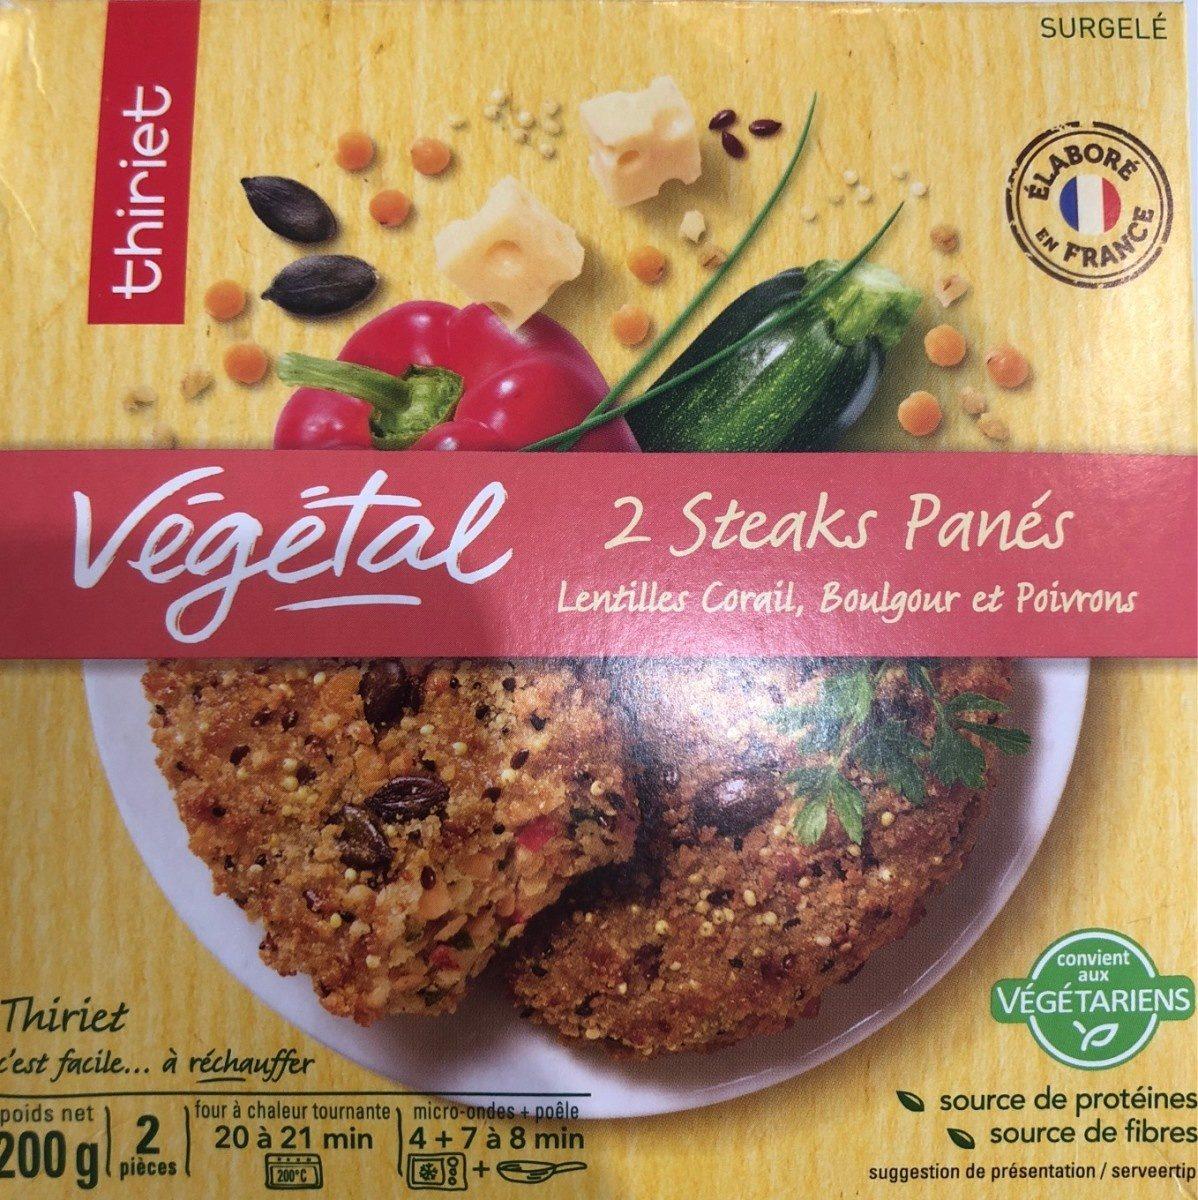 Végétal, 2 steaks panés, lentilles corail, Boulgour et Poivrons - Product - fr